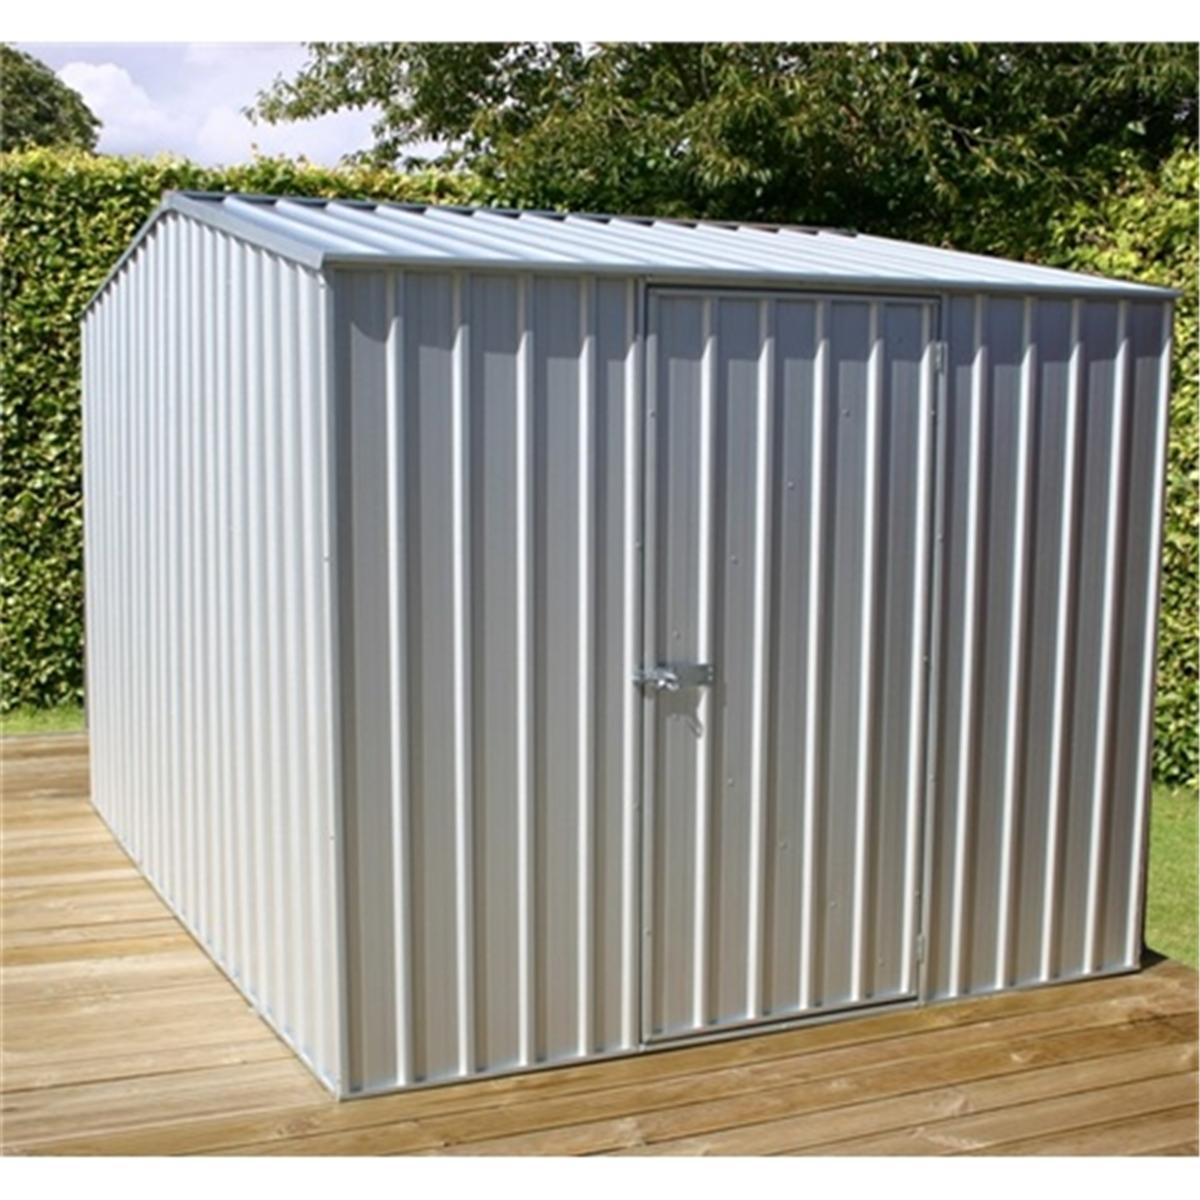 installed 8 x 10 premier zinc metal shed x 3m. Black Bedroom Furniture Sets. Home Design Ideas